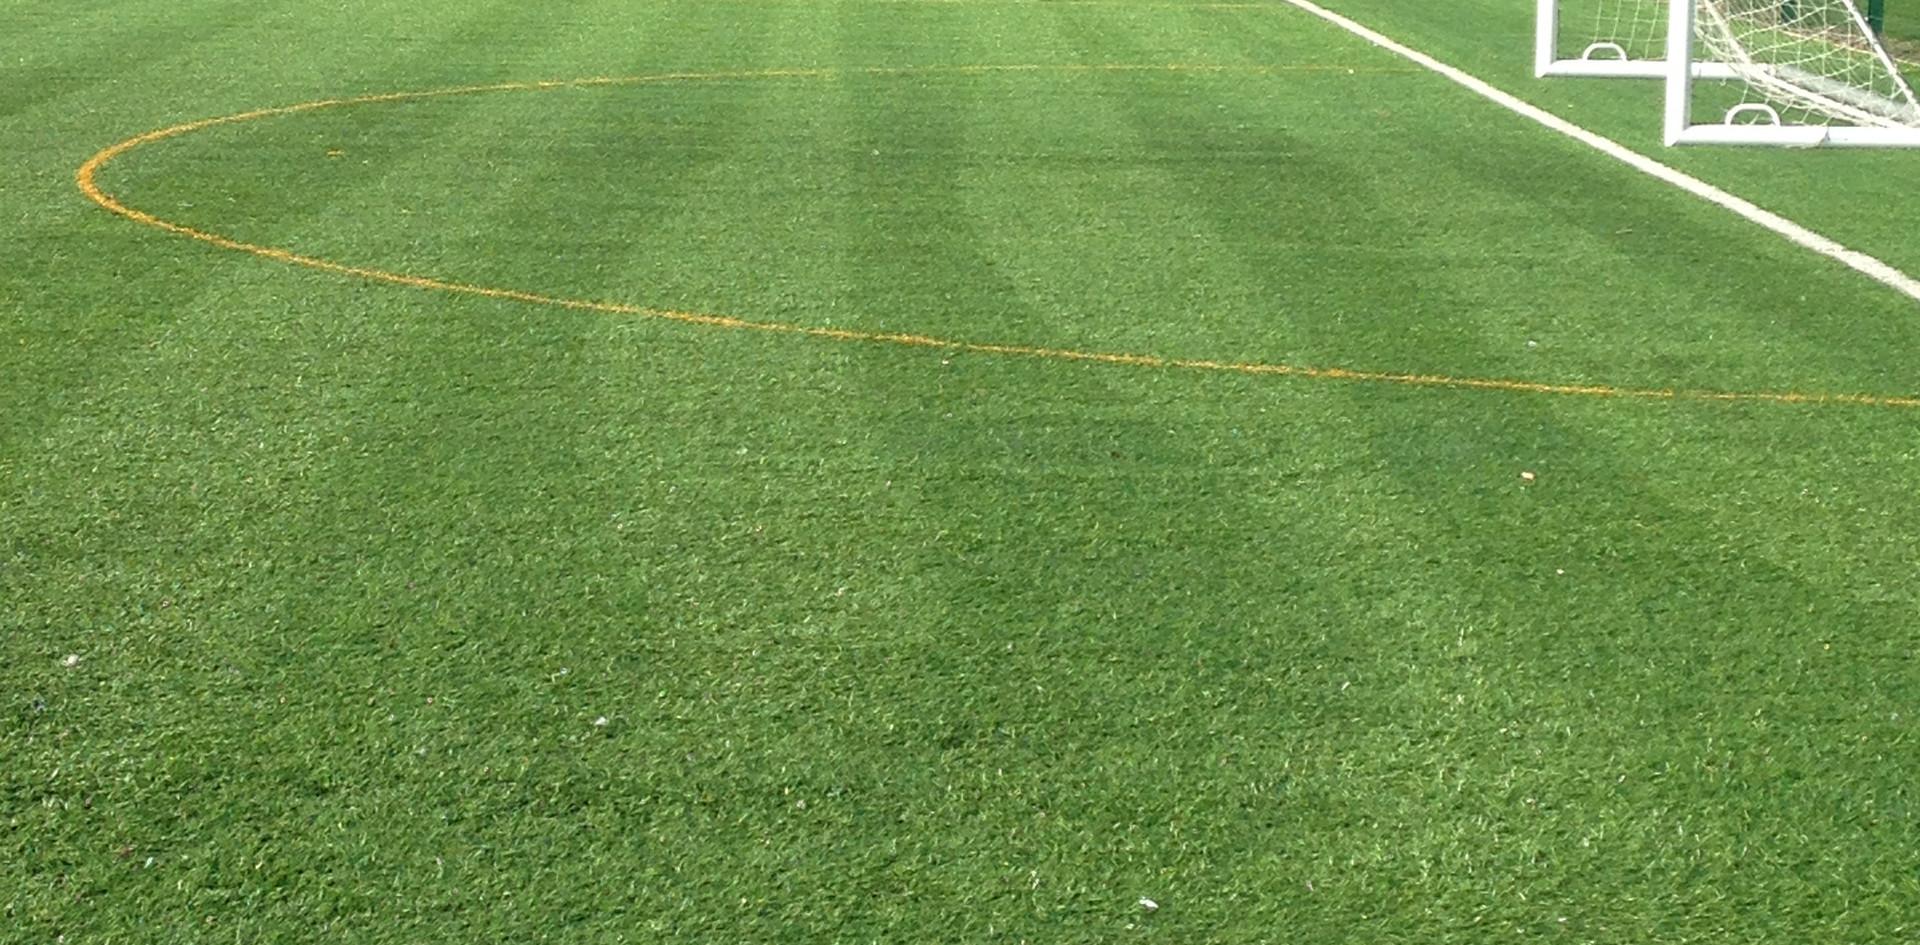 3G artificial grass 19.JPG